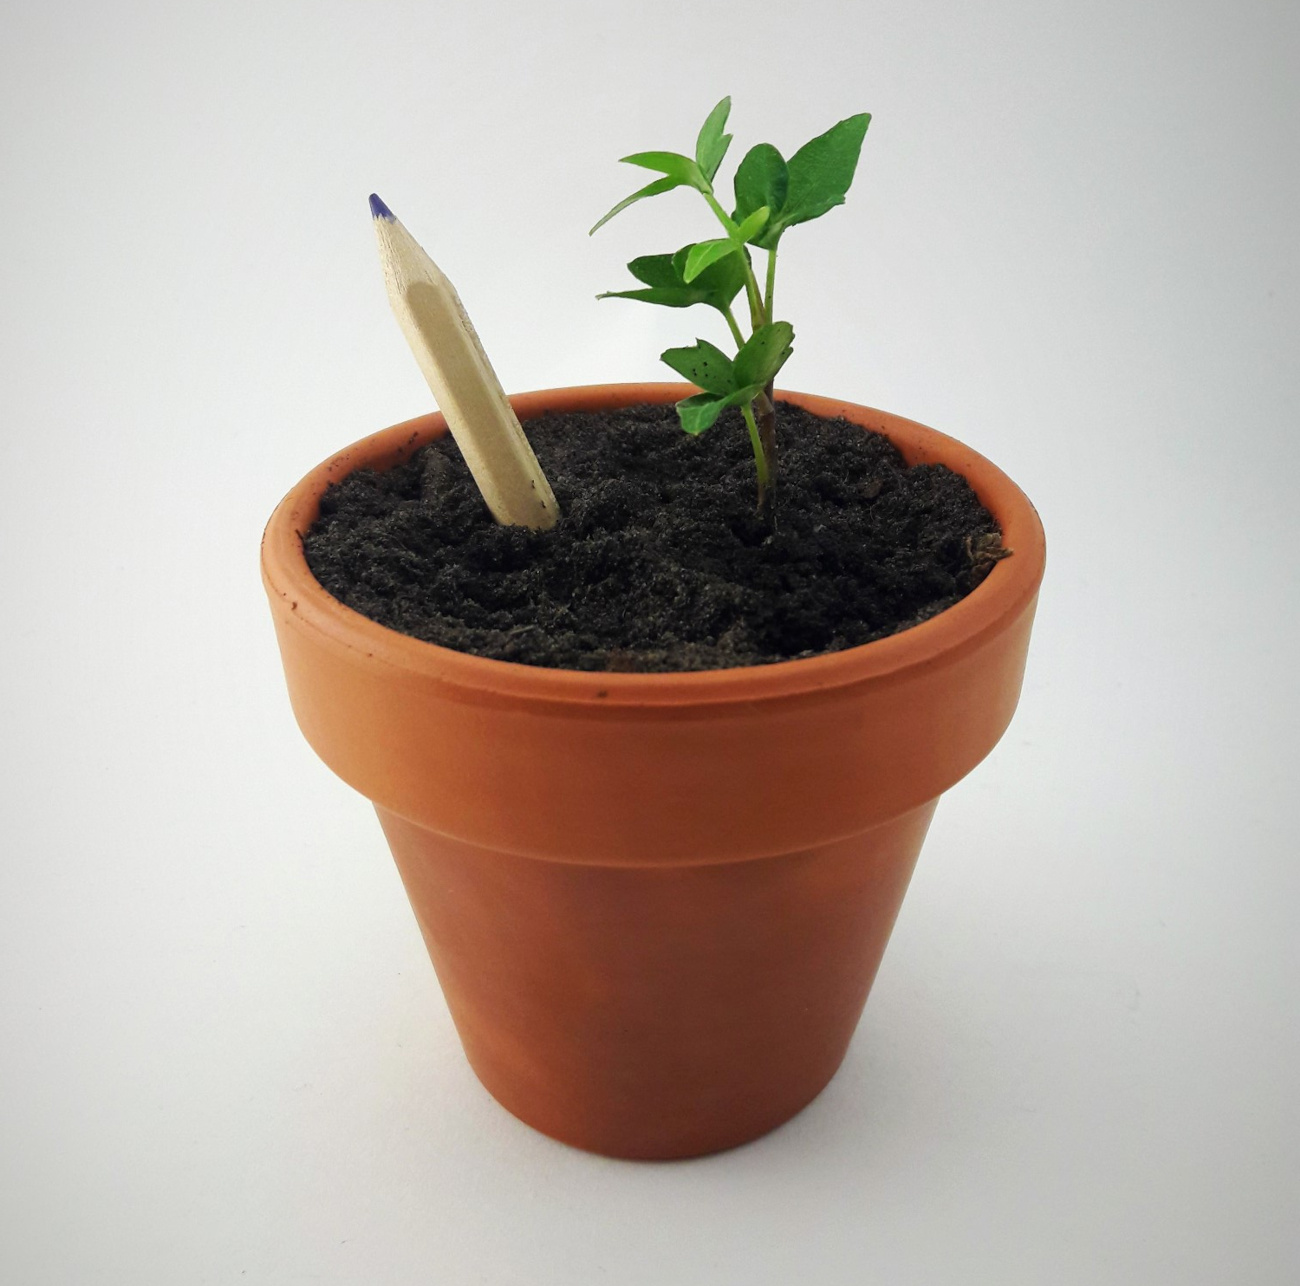 Eco Stick (Украина). Карандаши с семенами